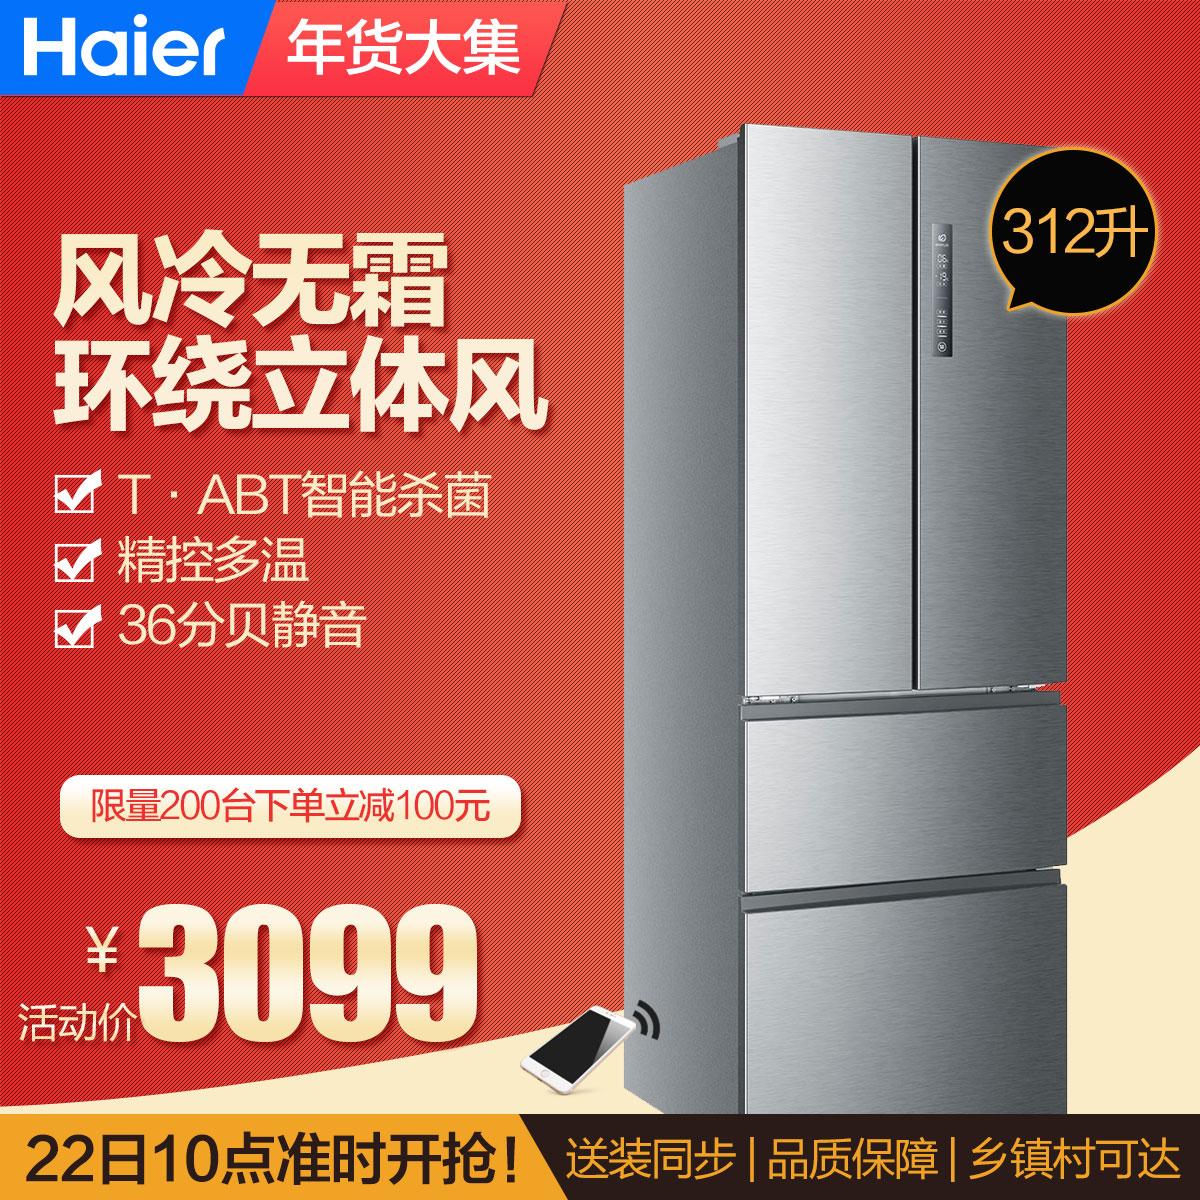 312升风冷多门冰箱,环绕立体风,无霜保湿更新鲜;T·ABT智能杀菌,食材真正健康;精控多温,强保鲜;36分贝静音,体验安静生活。 BCD-312WDPM